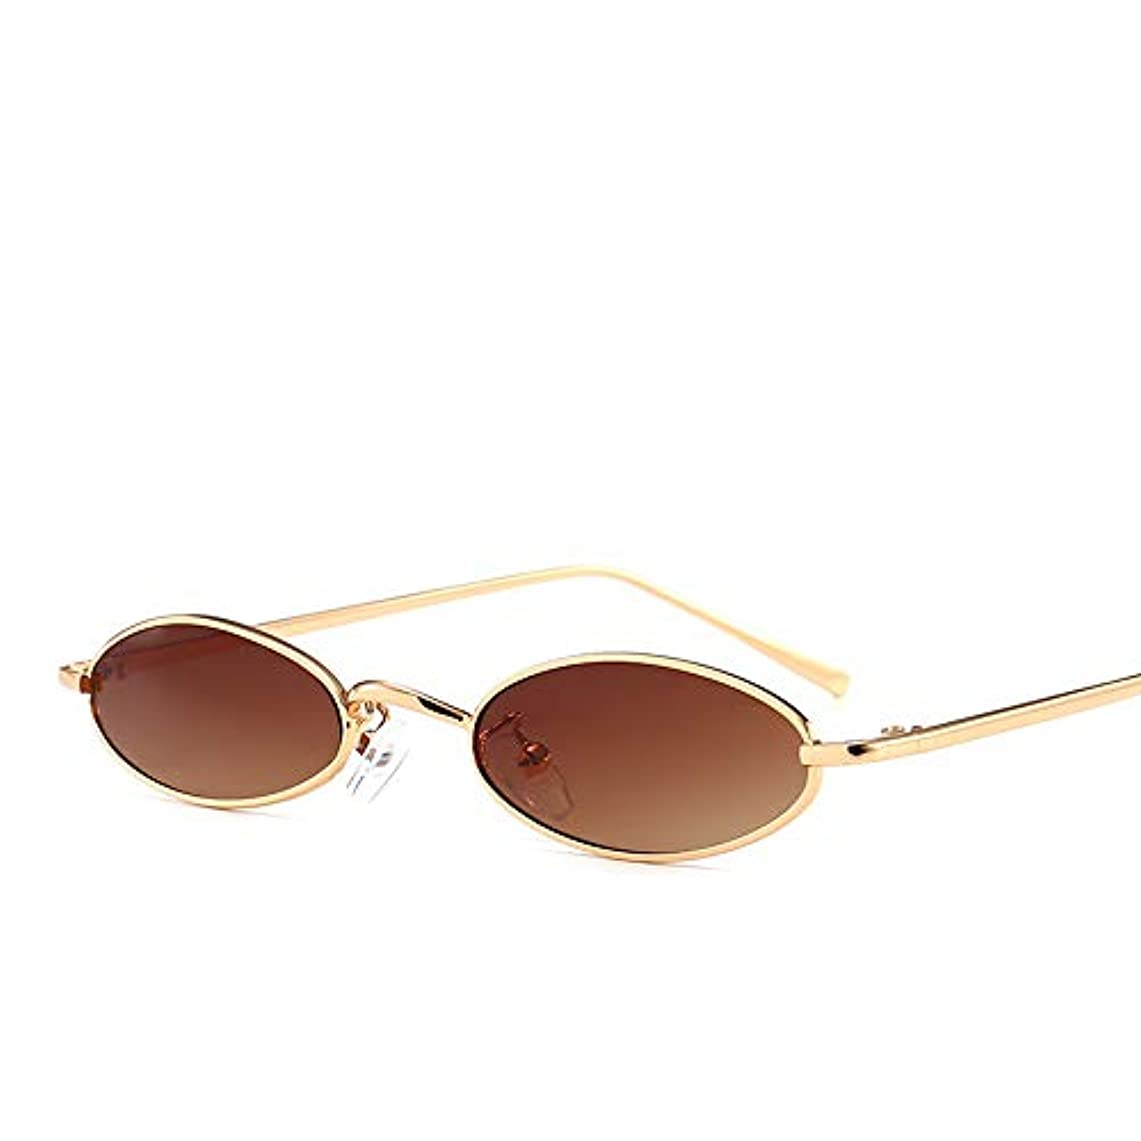 気づかないテキスト別のBeautyrain 耐久性のある旅行用メガネトライアングルメガネサングラス4色スポーツメガネUV400ユニバーサル